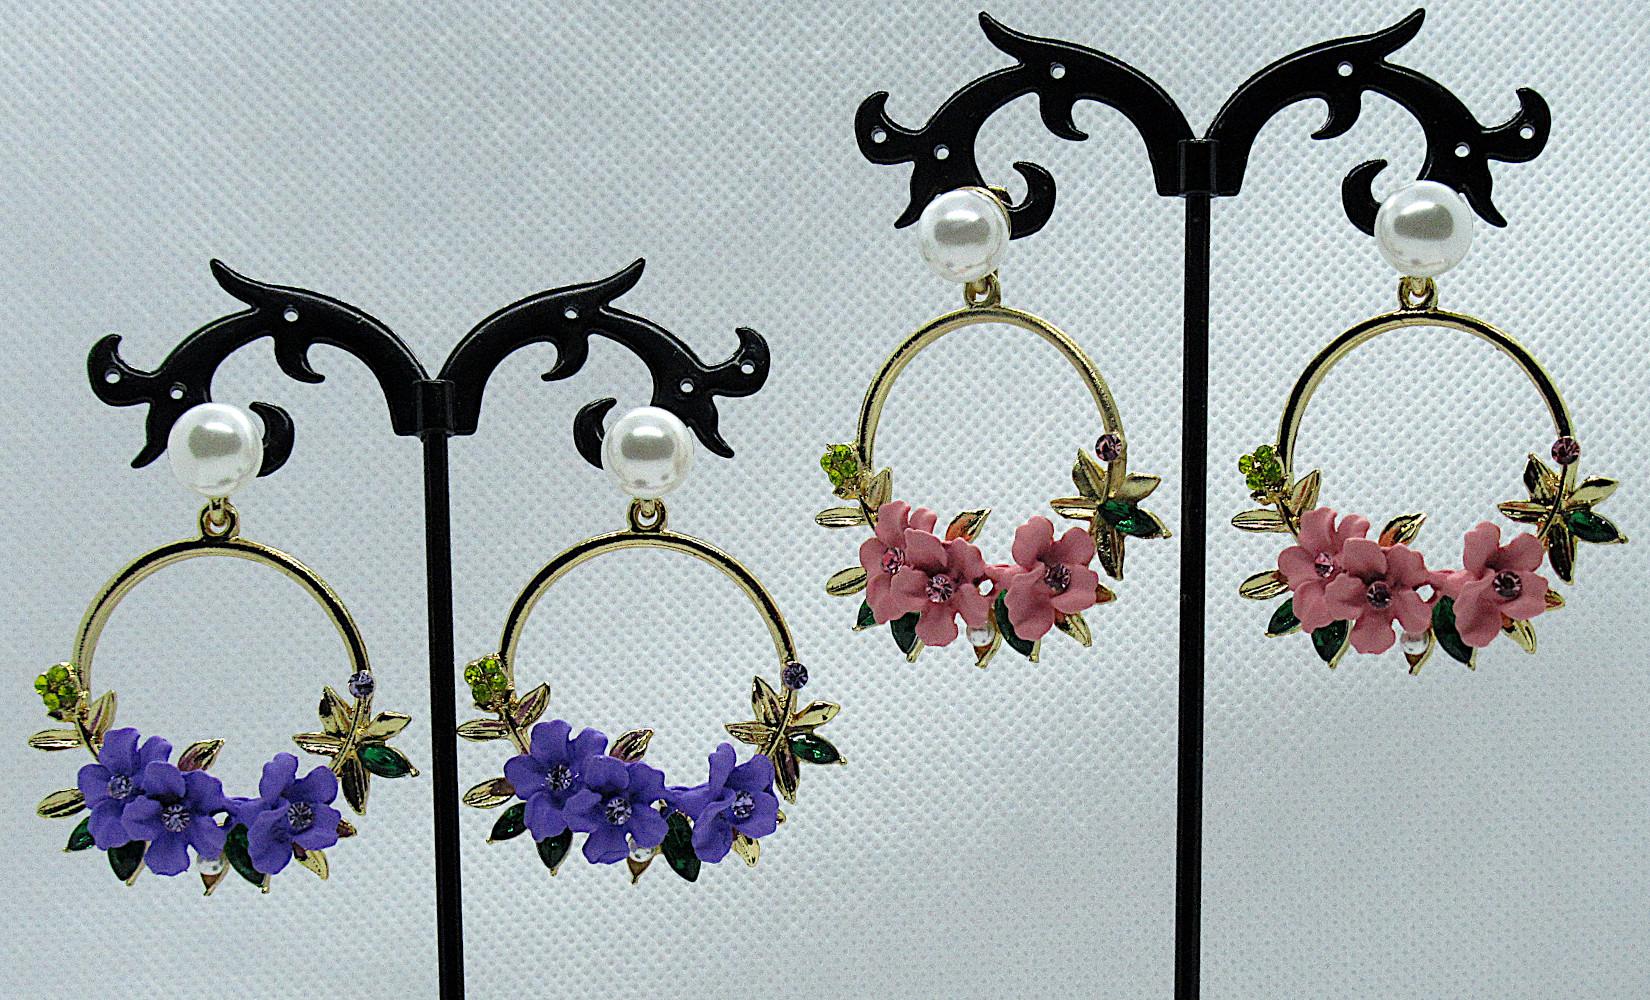 PA-303-304_Crystal and Pearl Floral Wreath Hoop Earrings-pink-purple1